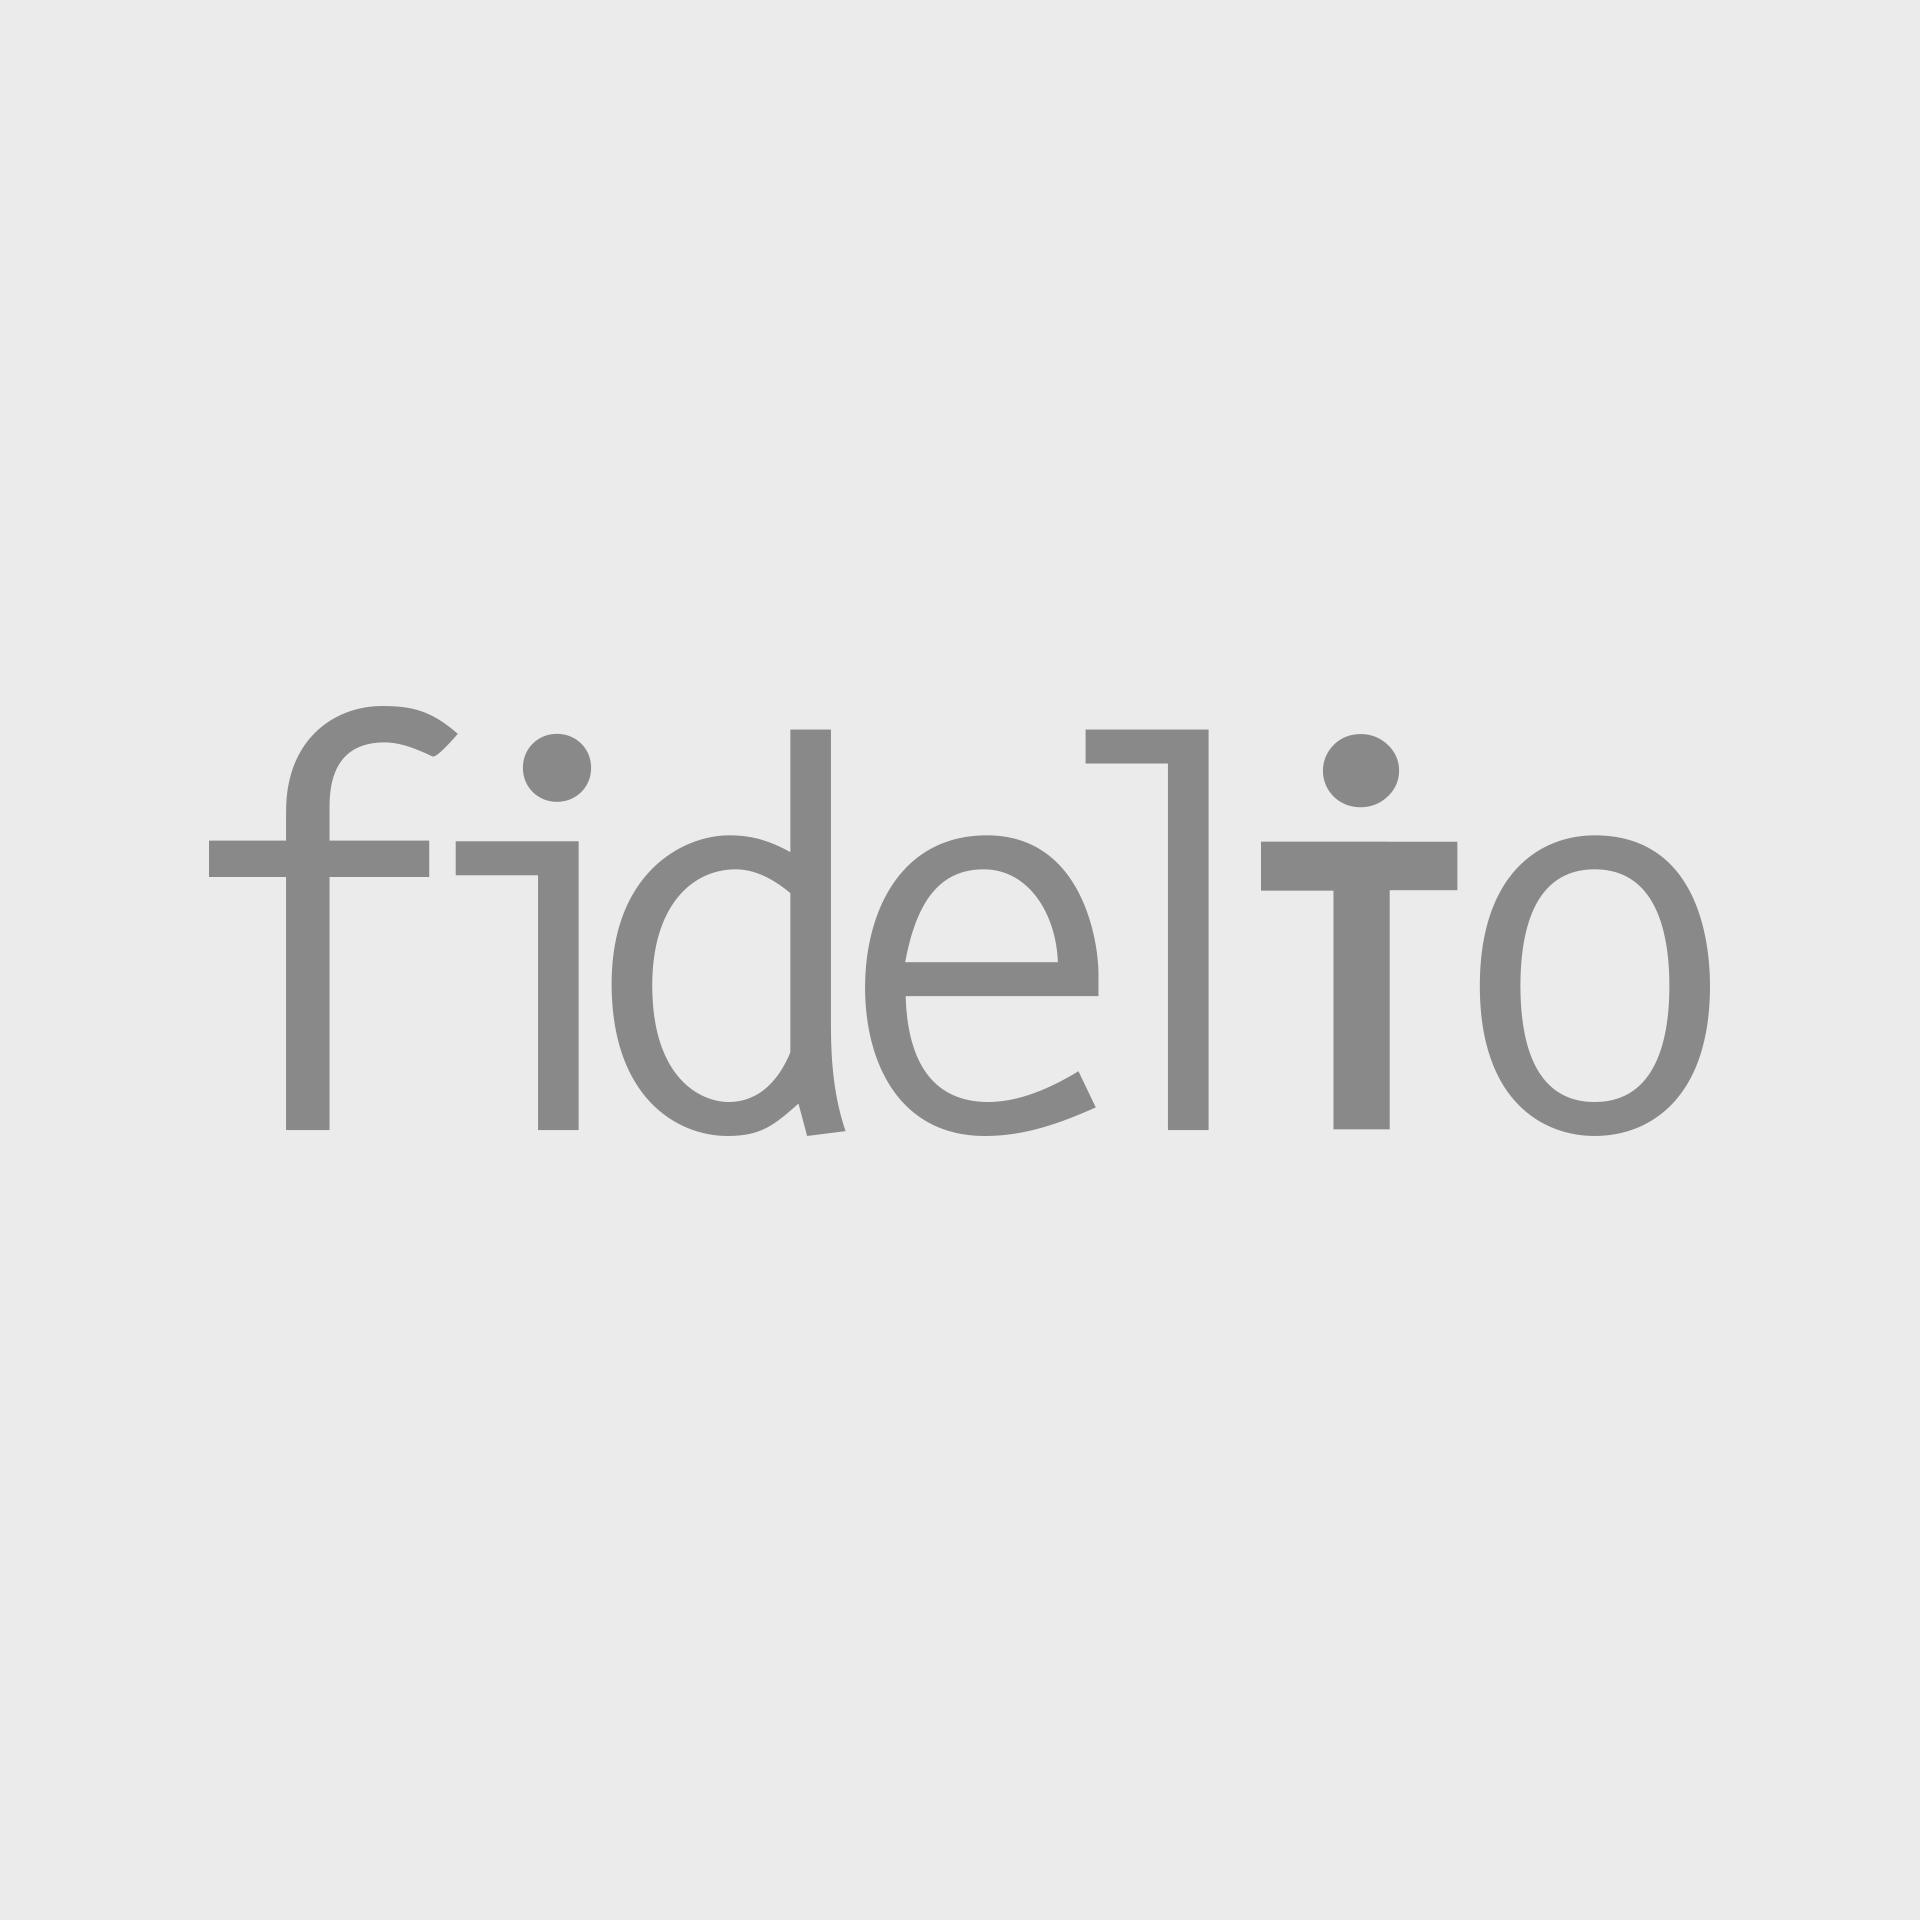 18DF4912-FEAD-4865-8A5D-C5DE4810F605